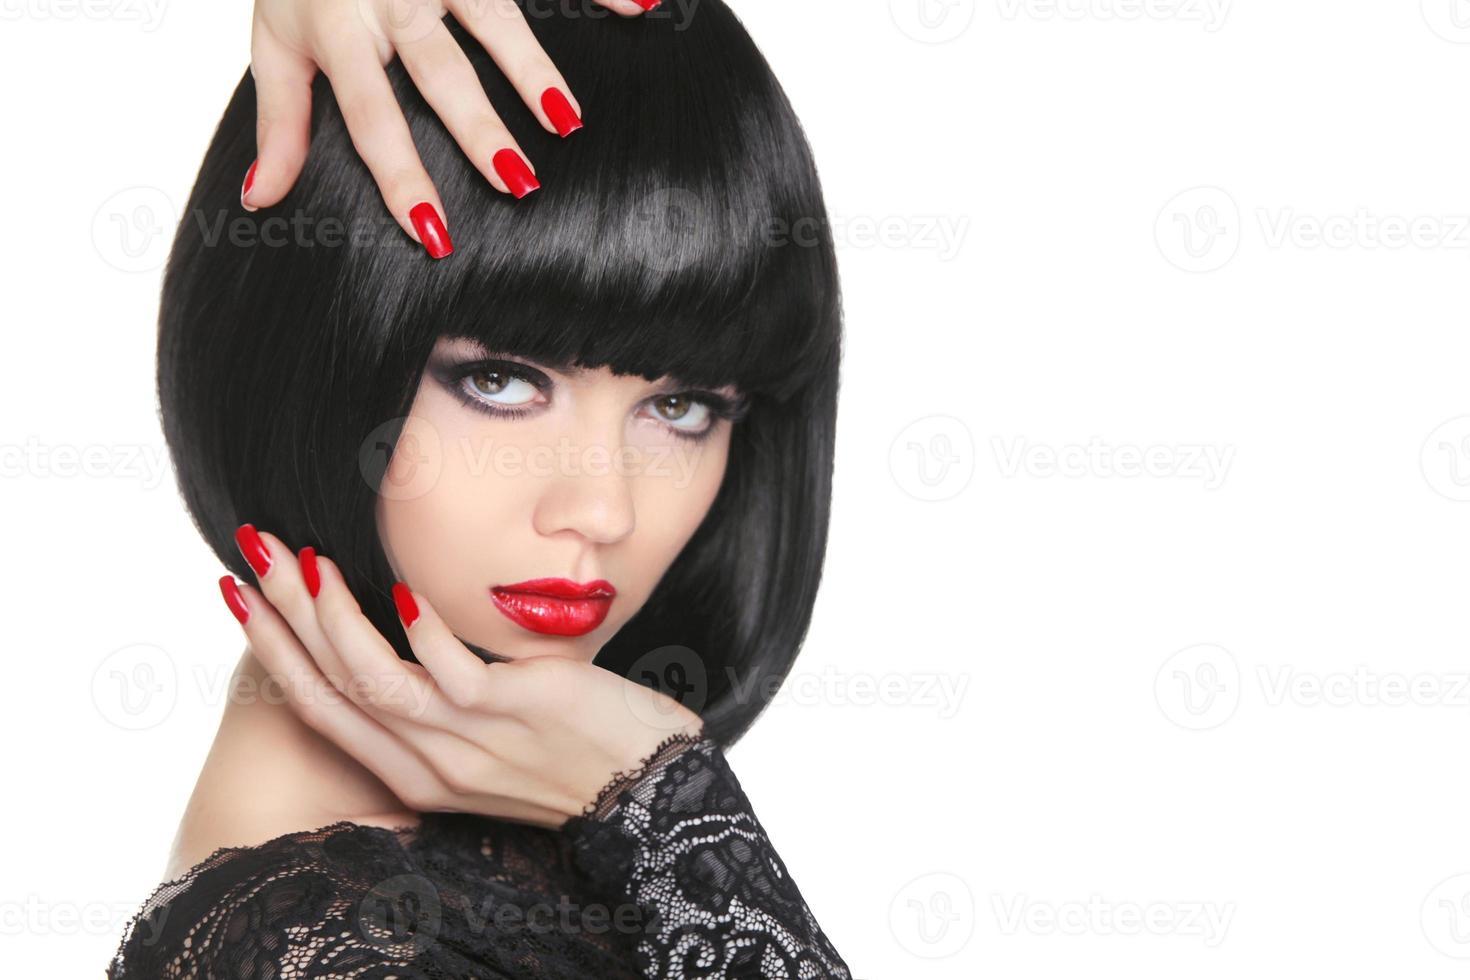 manikurerade naglar. skönhet flicka porträtt. röda läppar. tillbaka kort bob foto